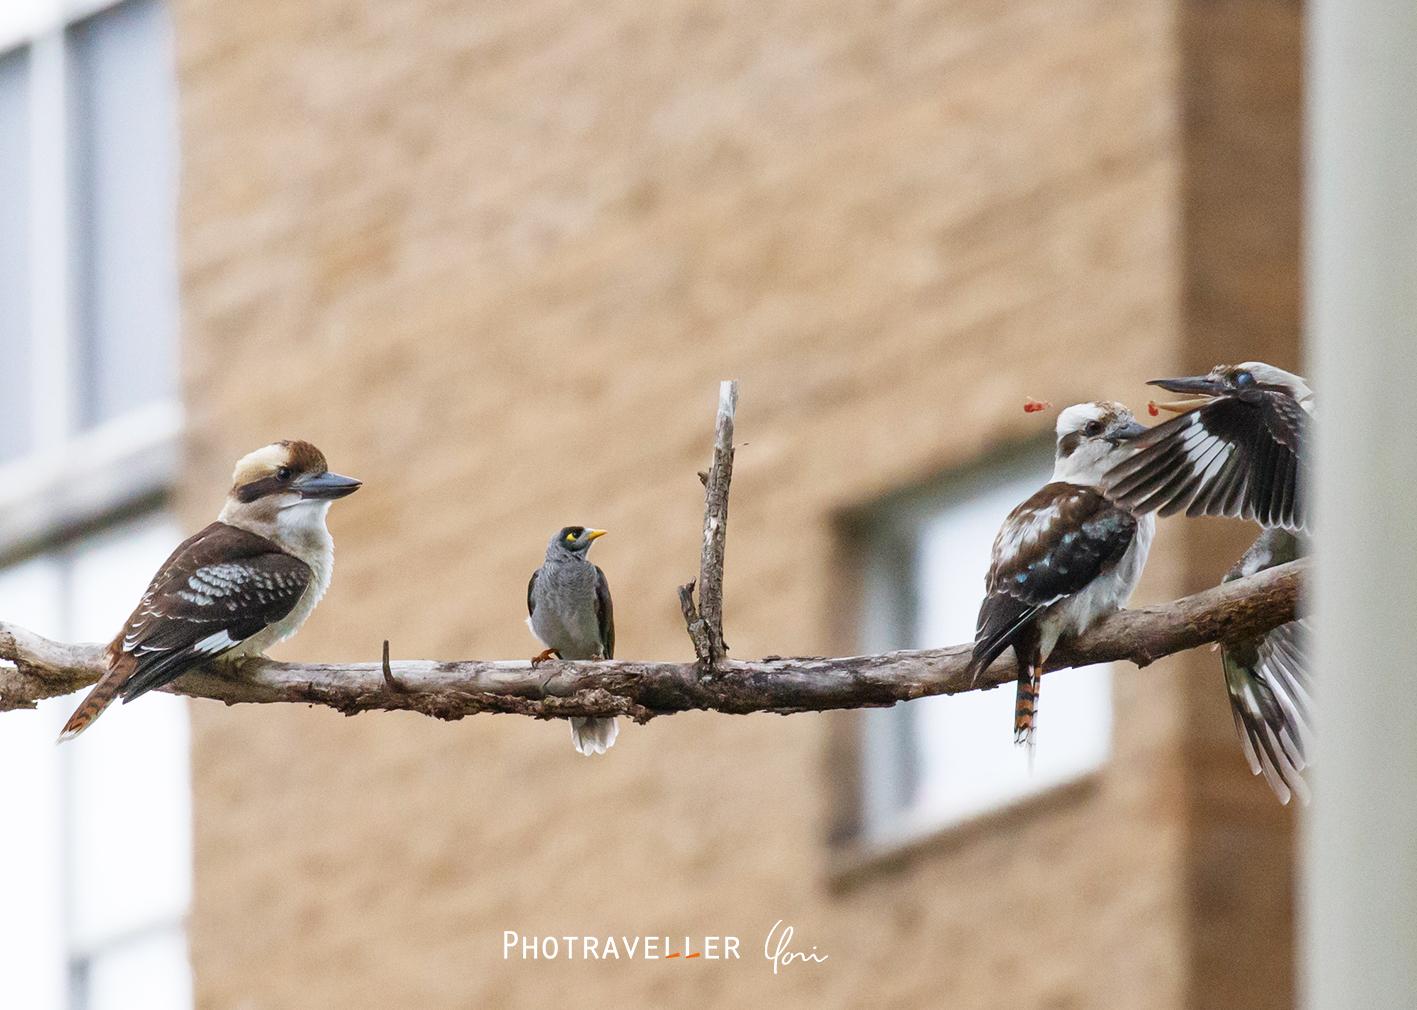 クッカバラ ノイジーマイナ クロガシラミツスイ オーストラリアの野鳥